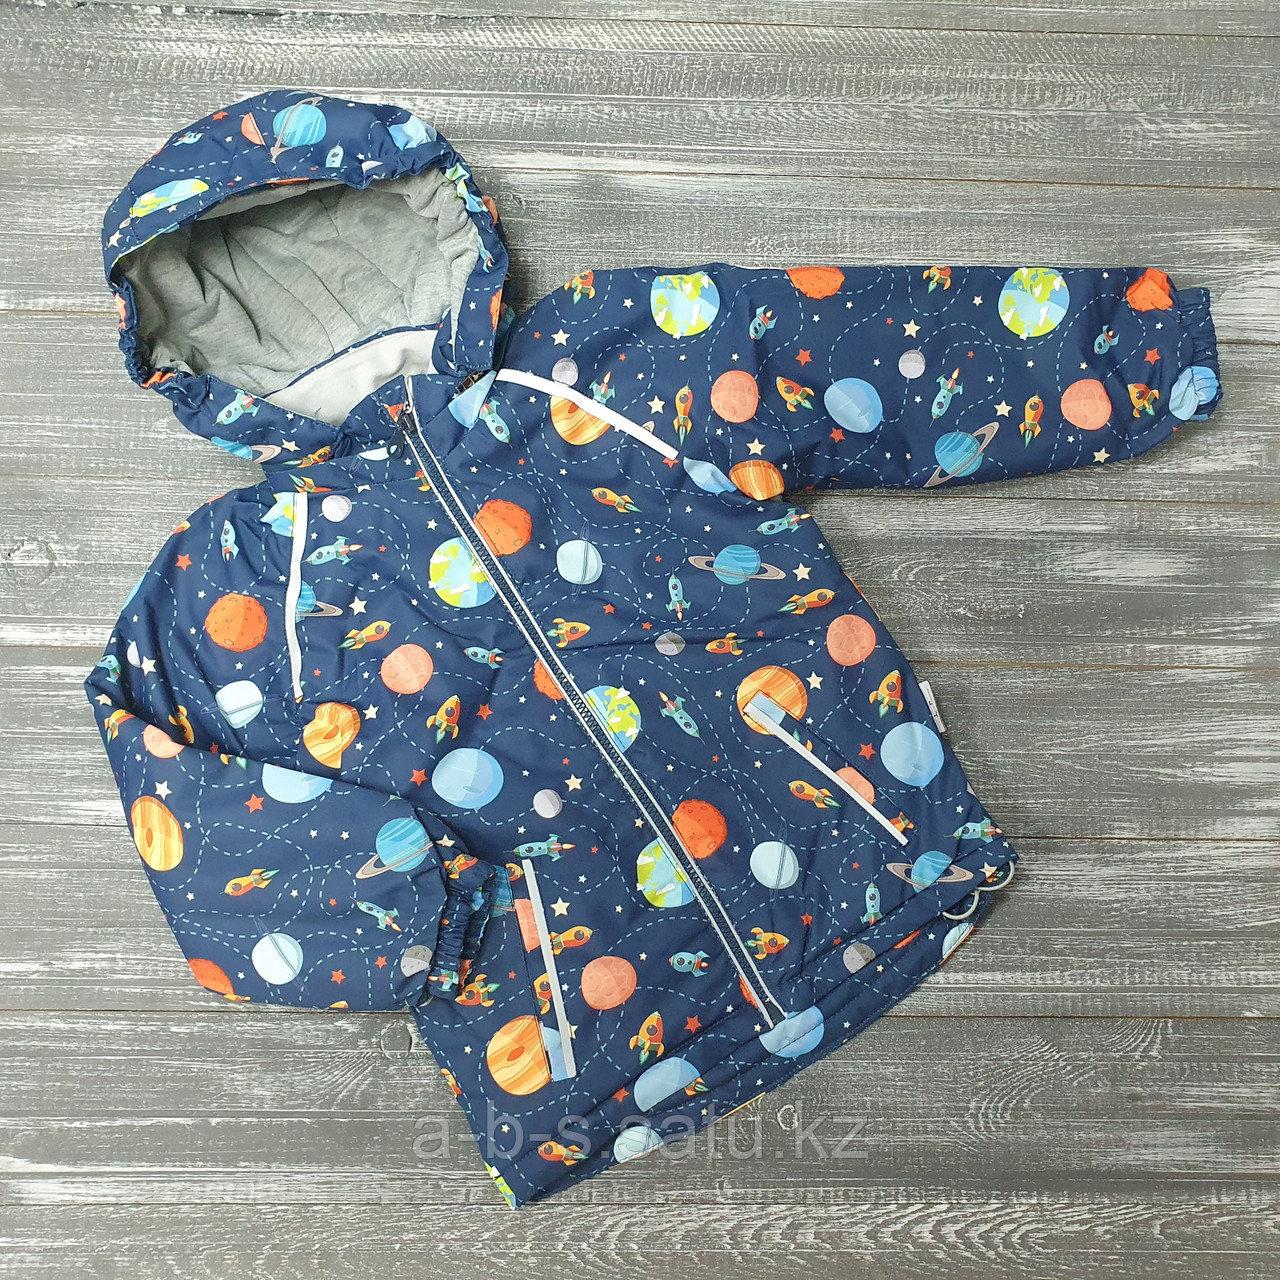 Куртка мембранная синяя с принтом галактики (осень-весна)